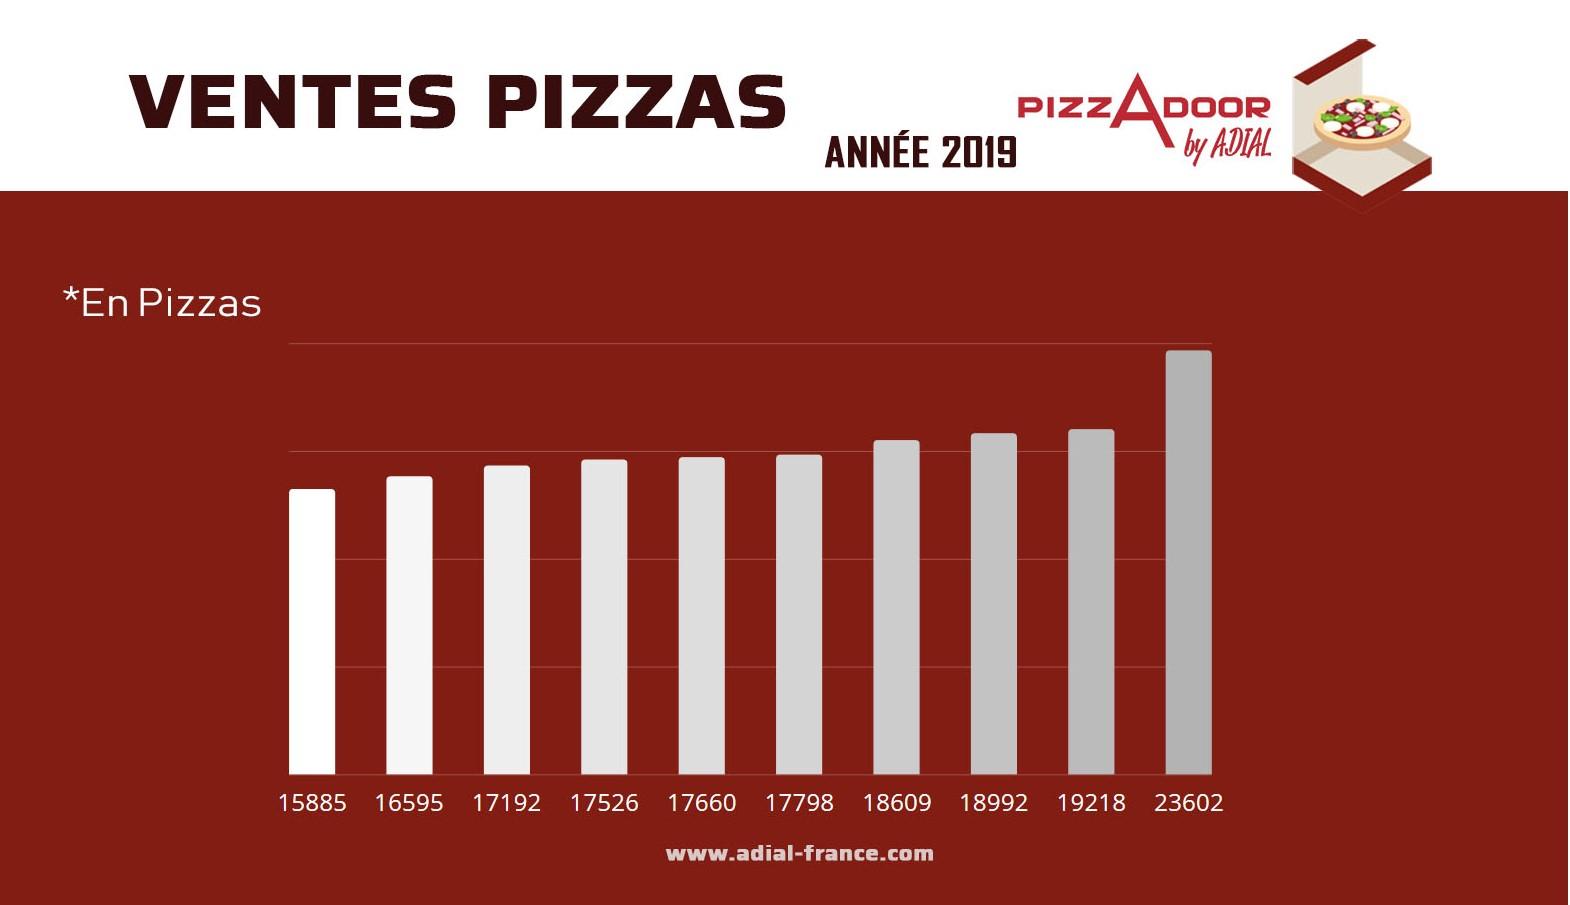 distribution automatique de pizzas bilan 2019 selon les chiffres SAS ADIAL leader mondial